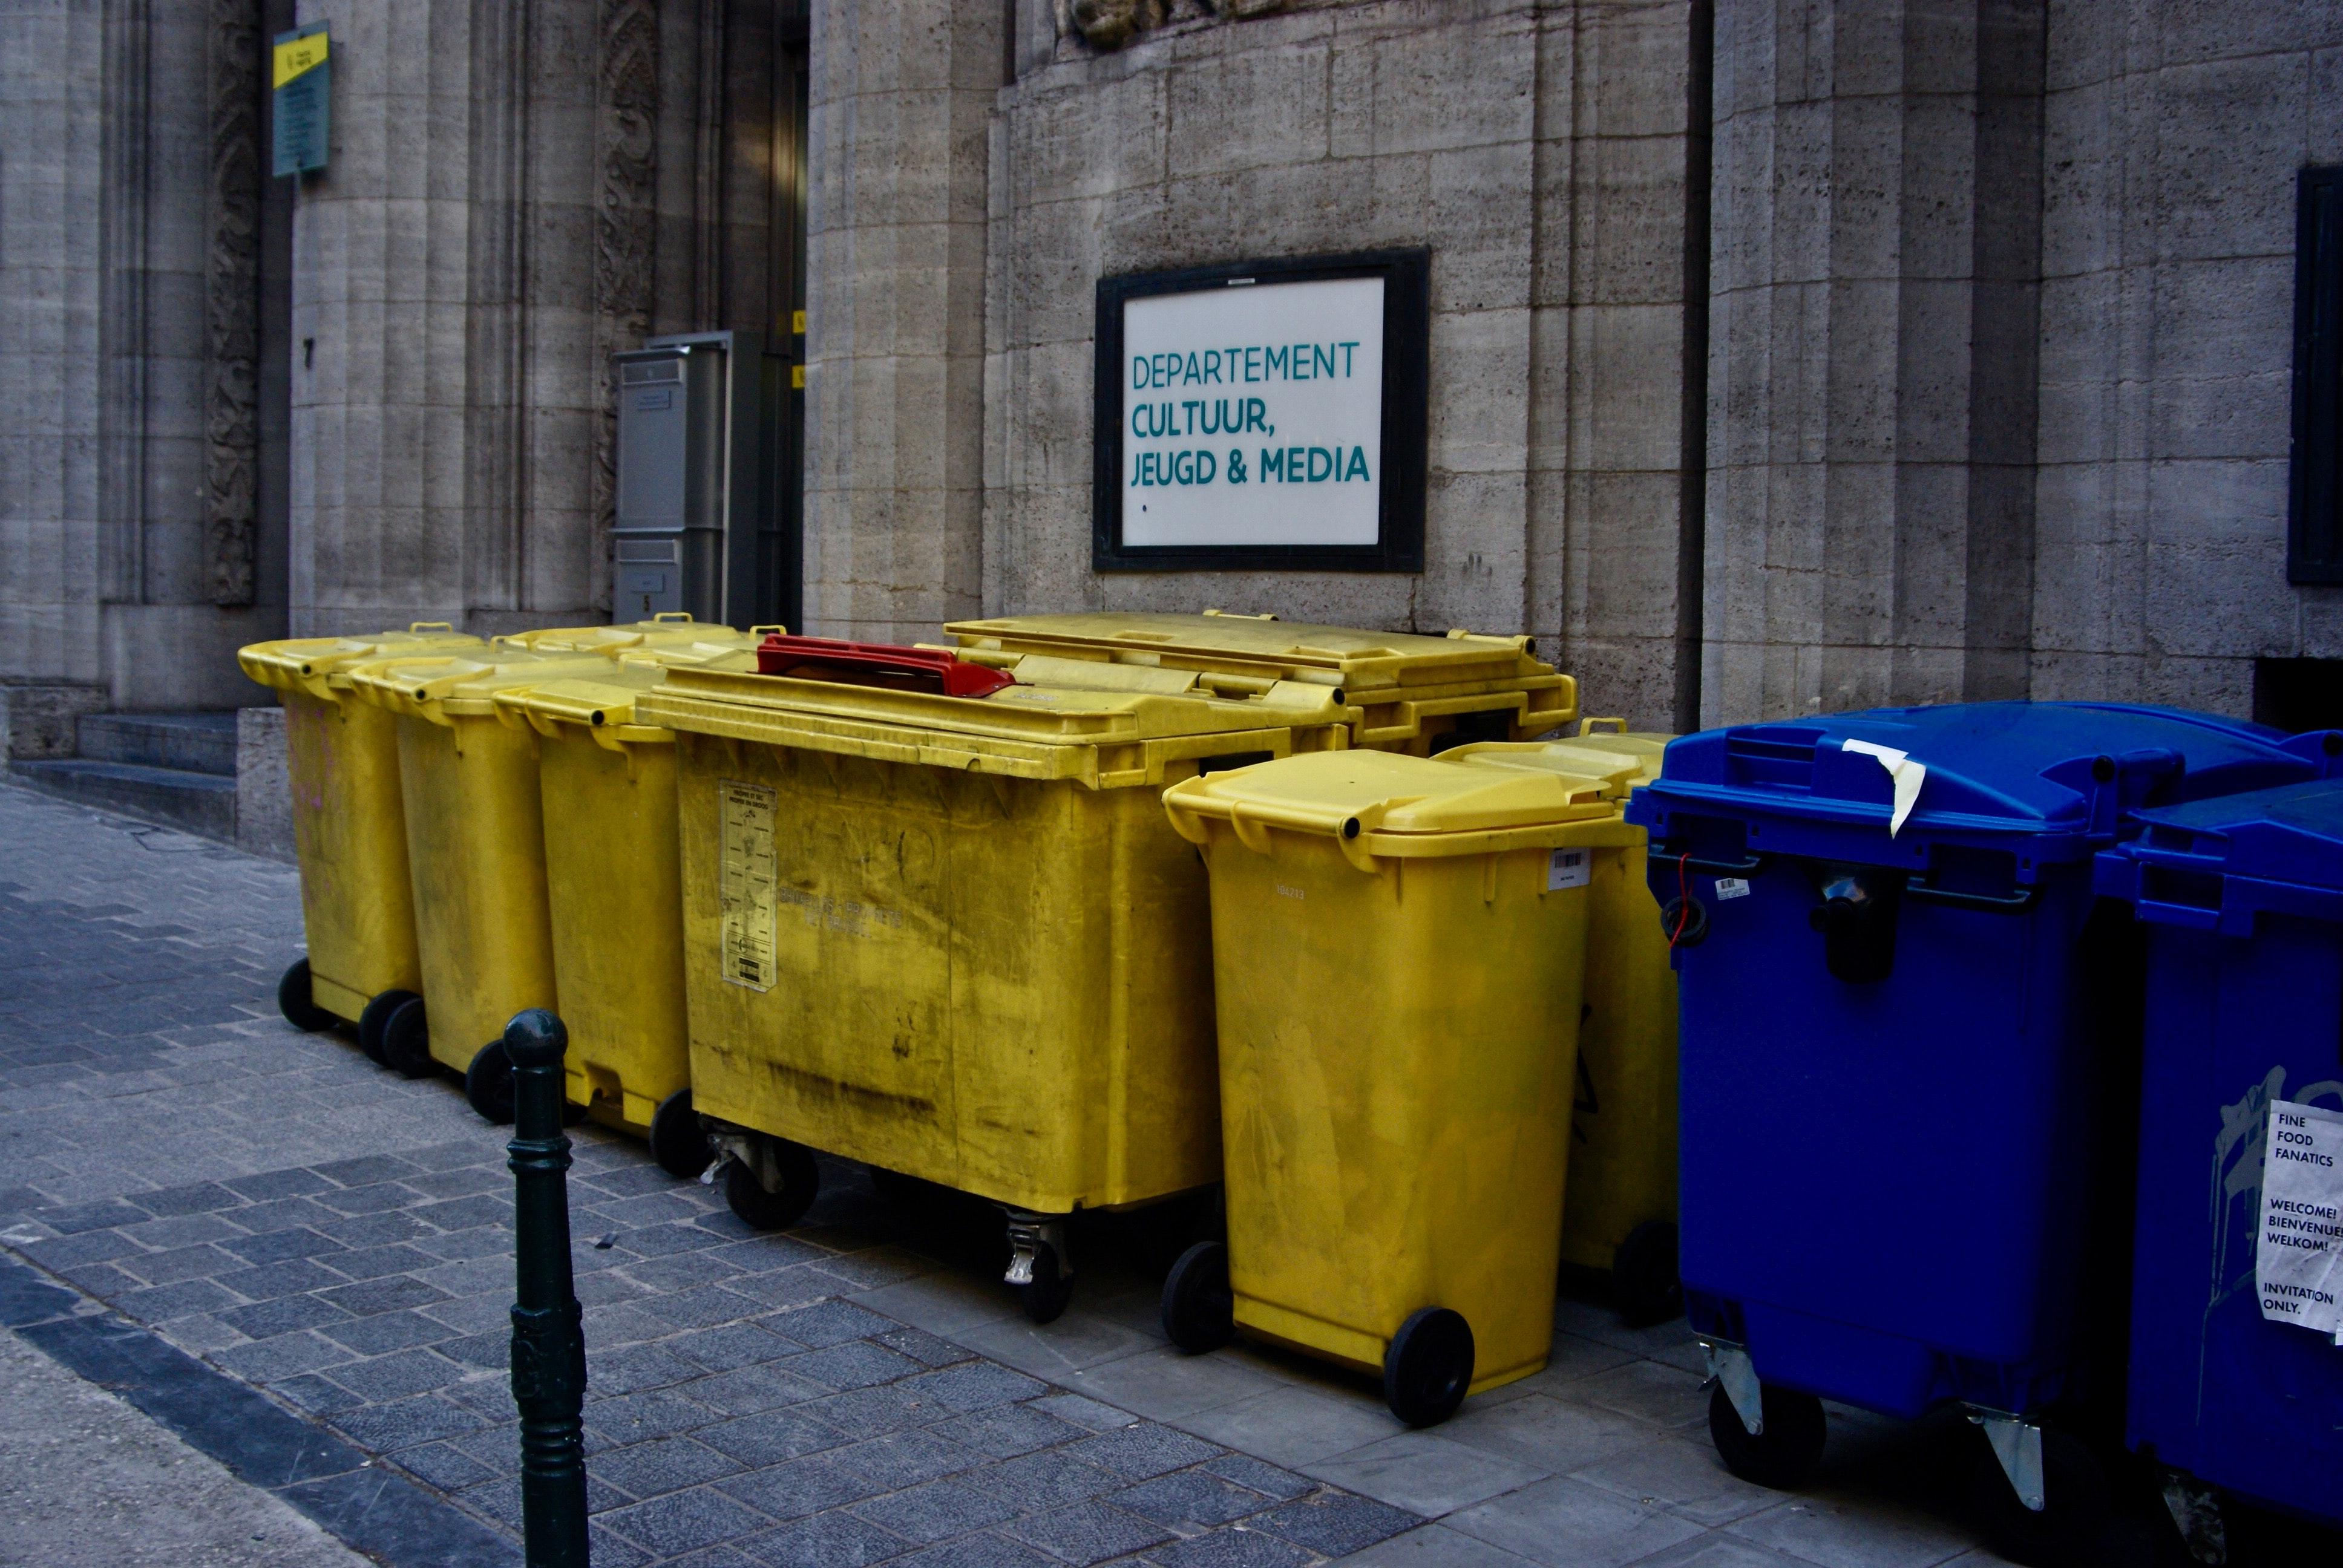 廃棄物削減と循環型社会を目指す ごみ分別の重要性 100%